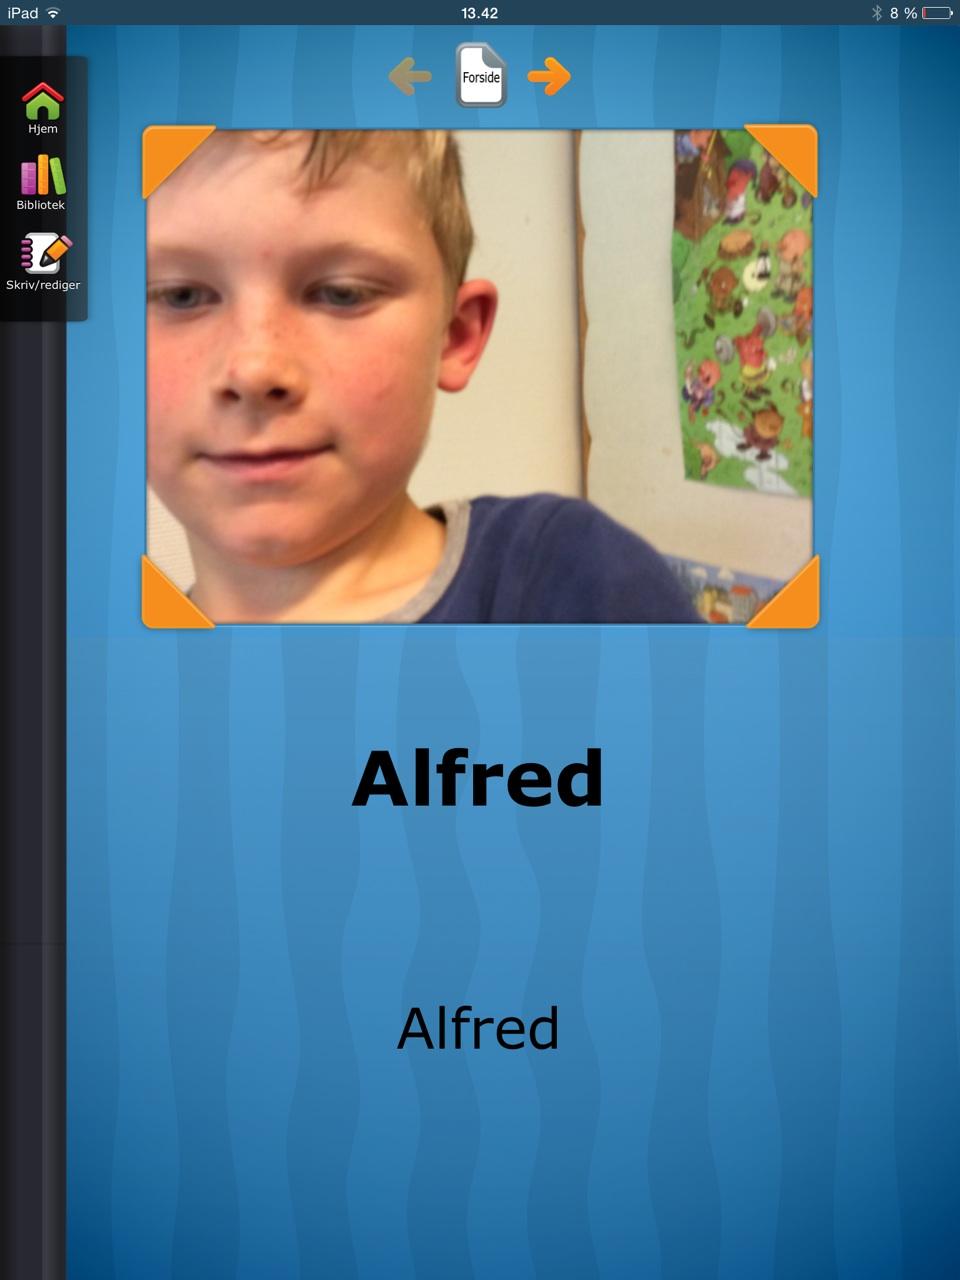 alfred 3.jpg